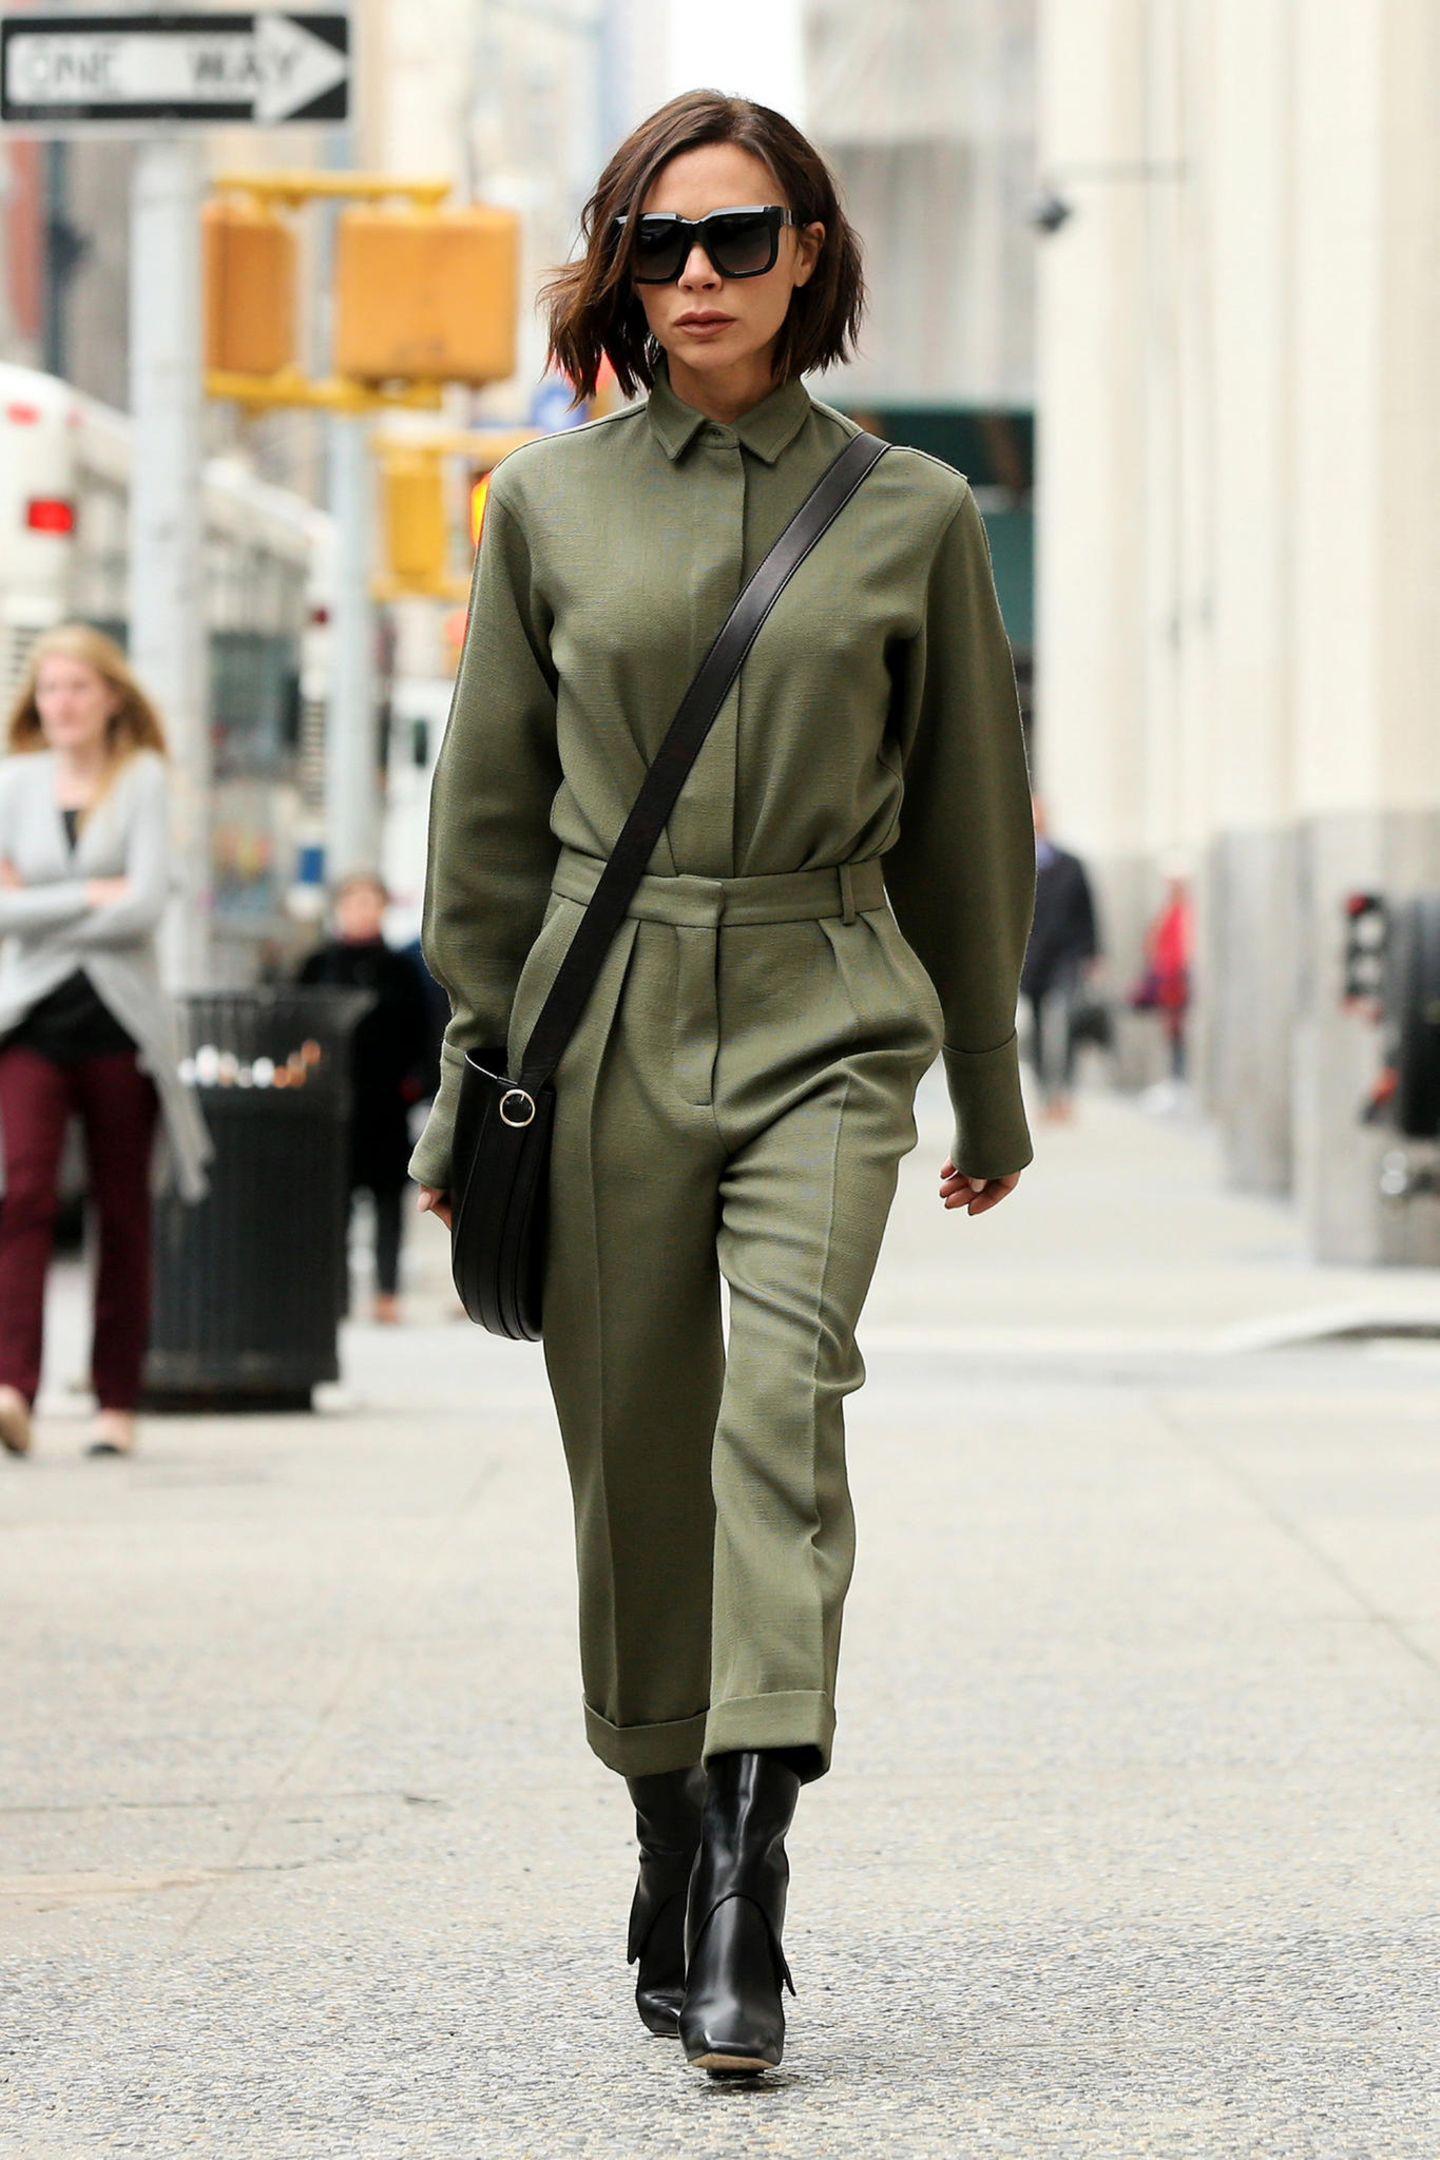 Den Tag nach der Präsentation ihrer neuen Kollektion begeht Star-Designerin Victoria Beckham im stylisch eleganten Military-Look und ausnahmsweise auch mal wieder mit offen getragenem Bob-Haarschnitt. Sehr schick, Vic!